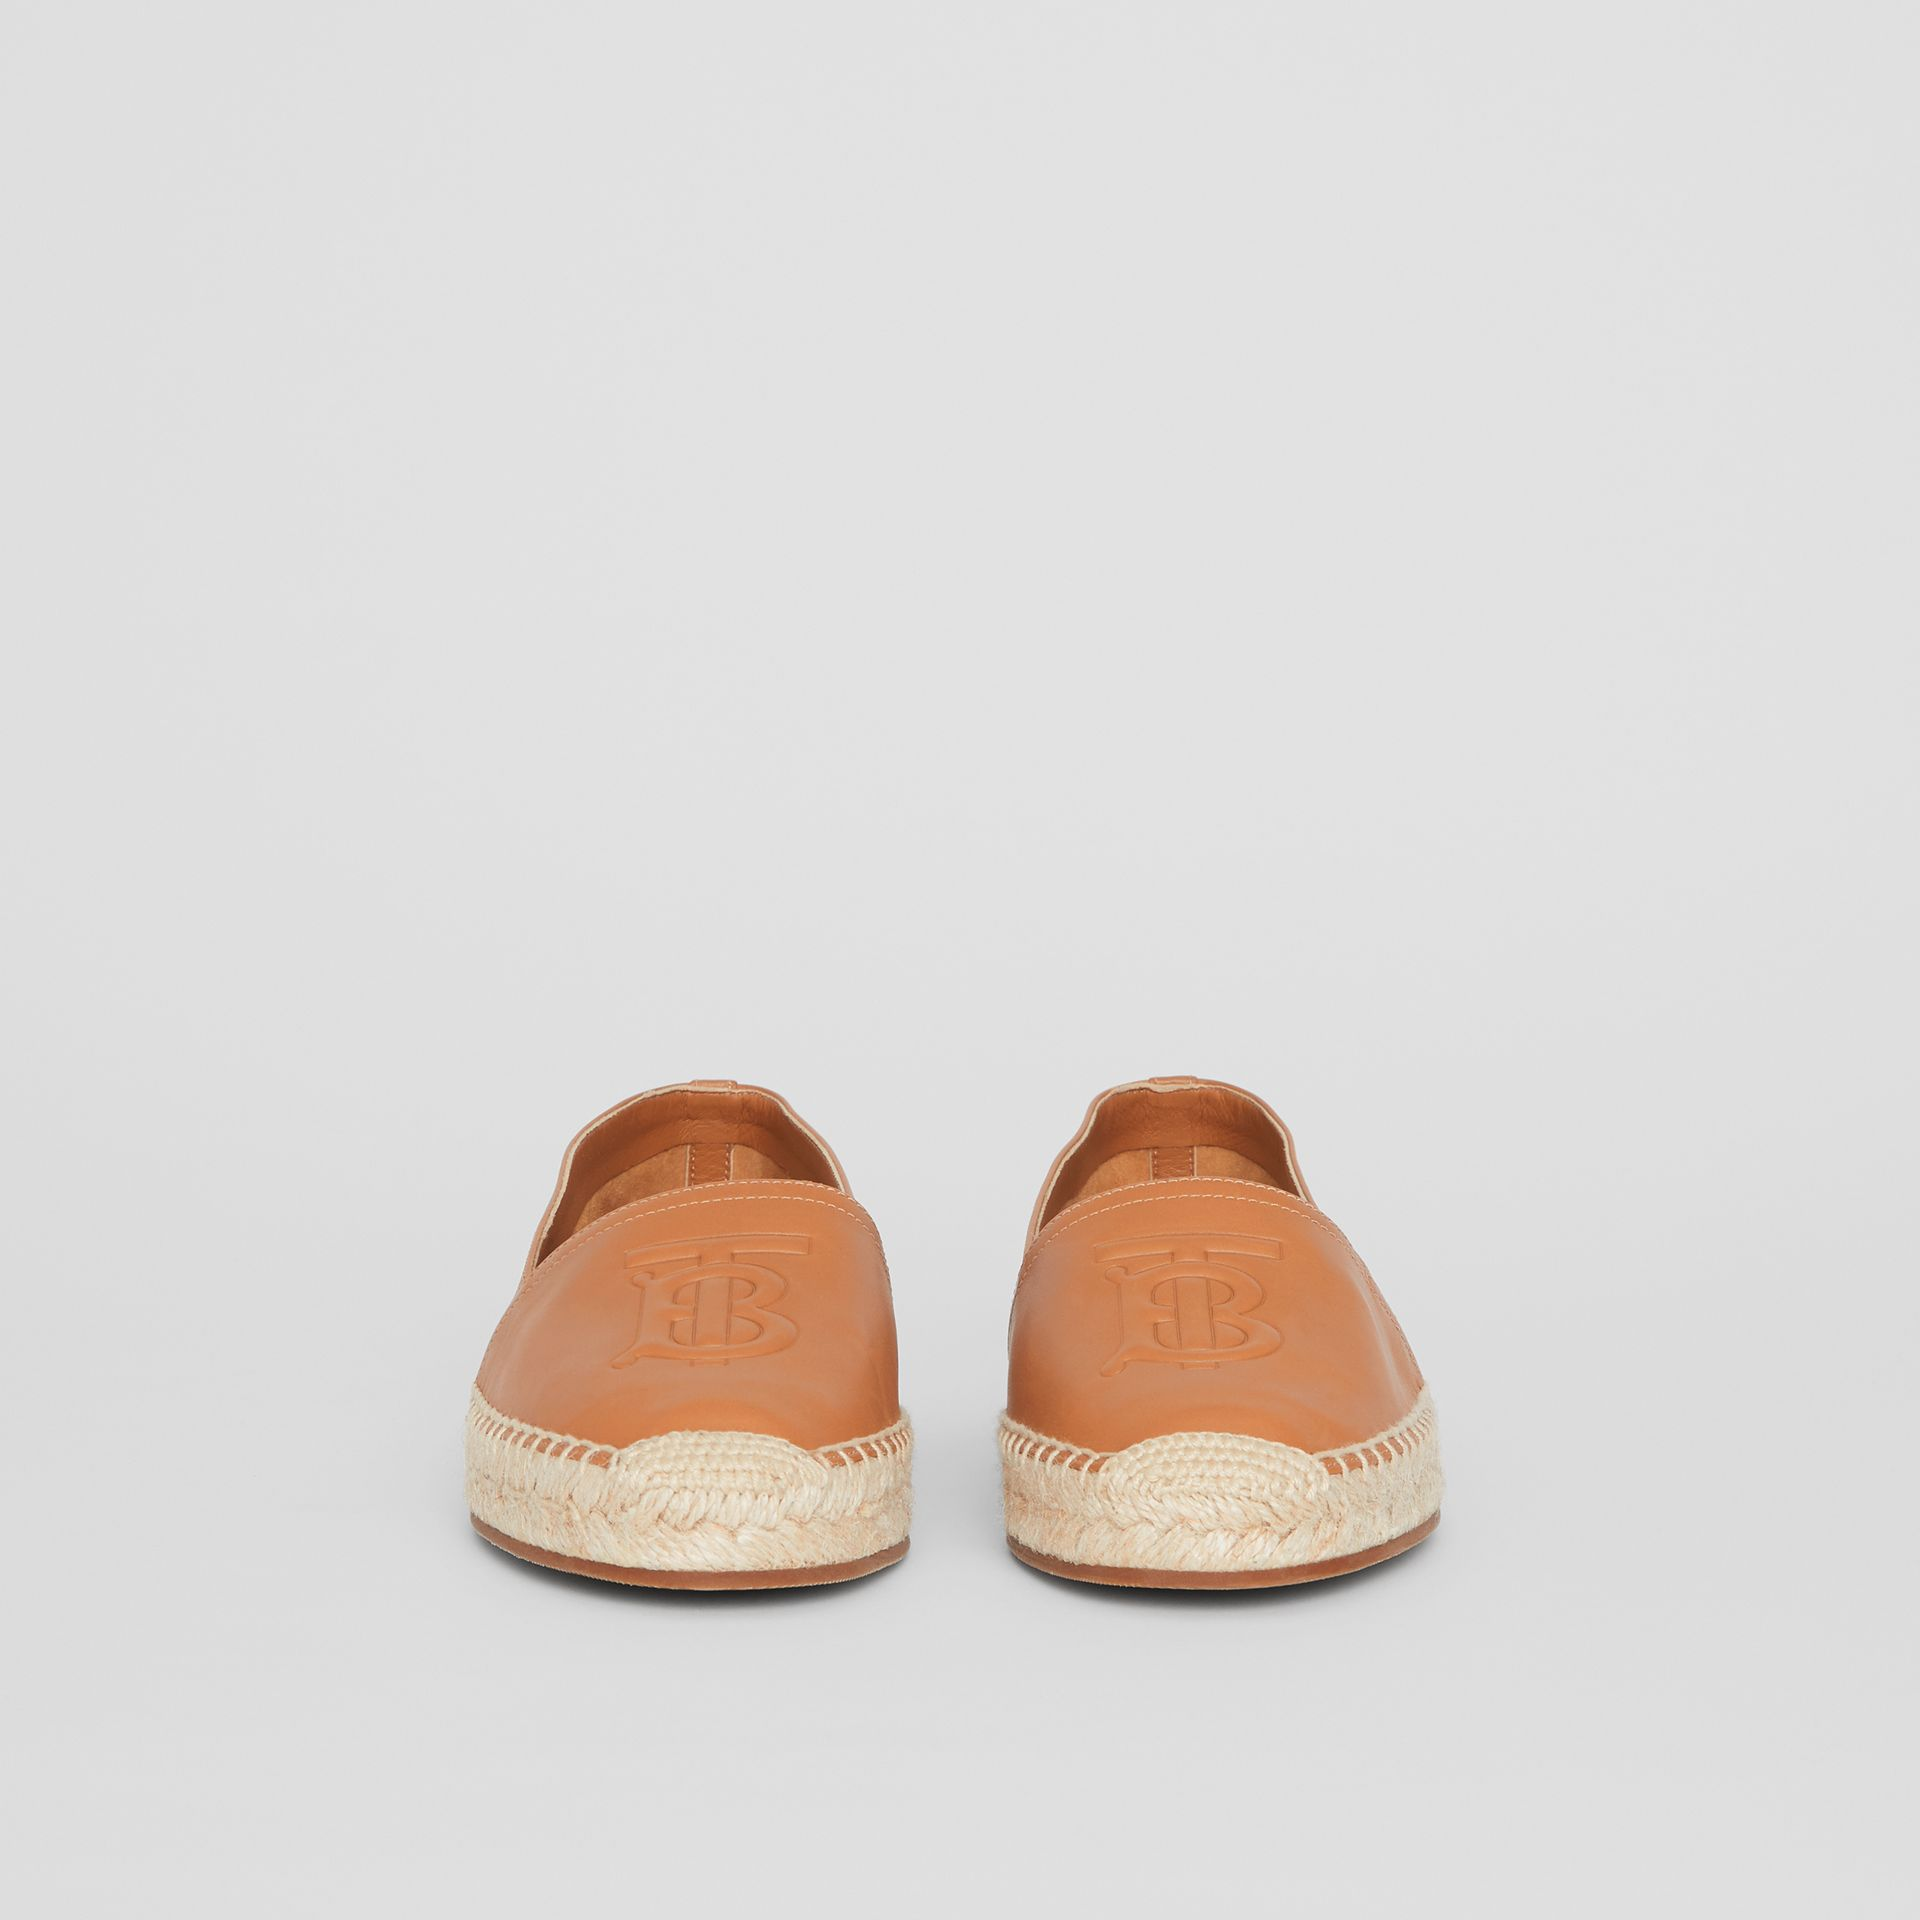 Эспадрильи с монограммой Thomas Burberry (Песочный) - Для женщин | Burberry - изображение 3